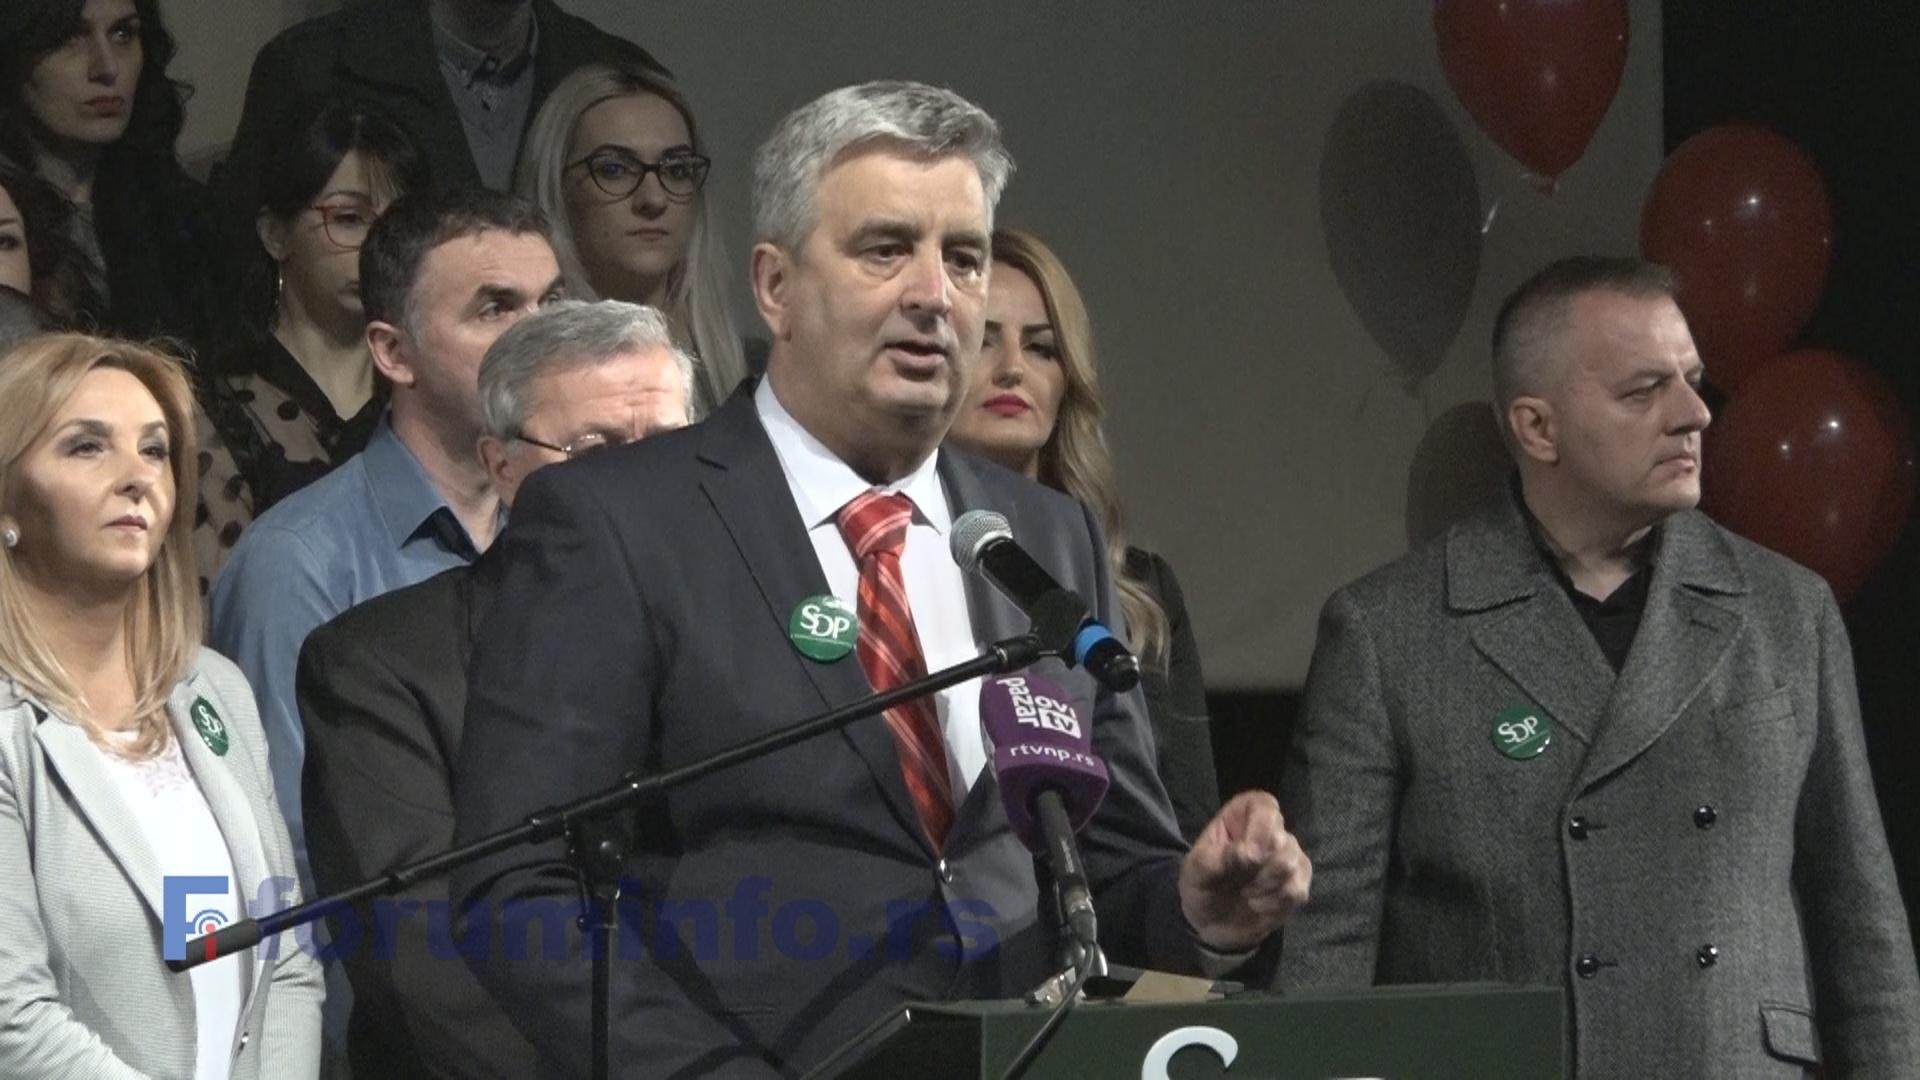 СДП и СДПС излазе на локалне изборе у Пријепољу са мултиетничком листом